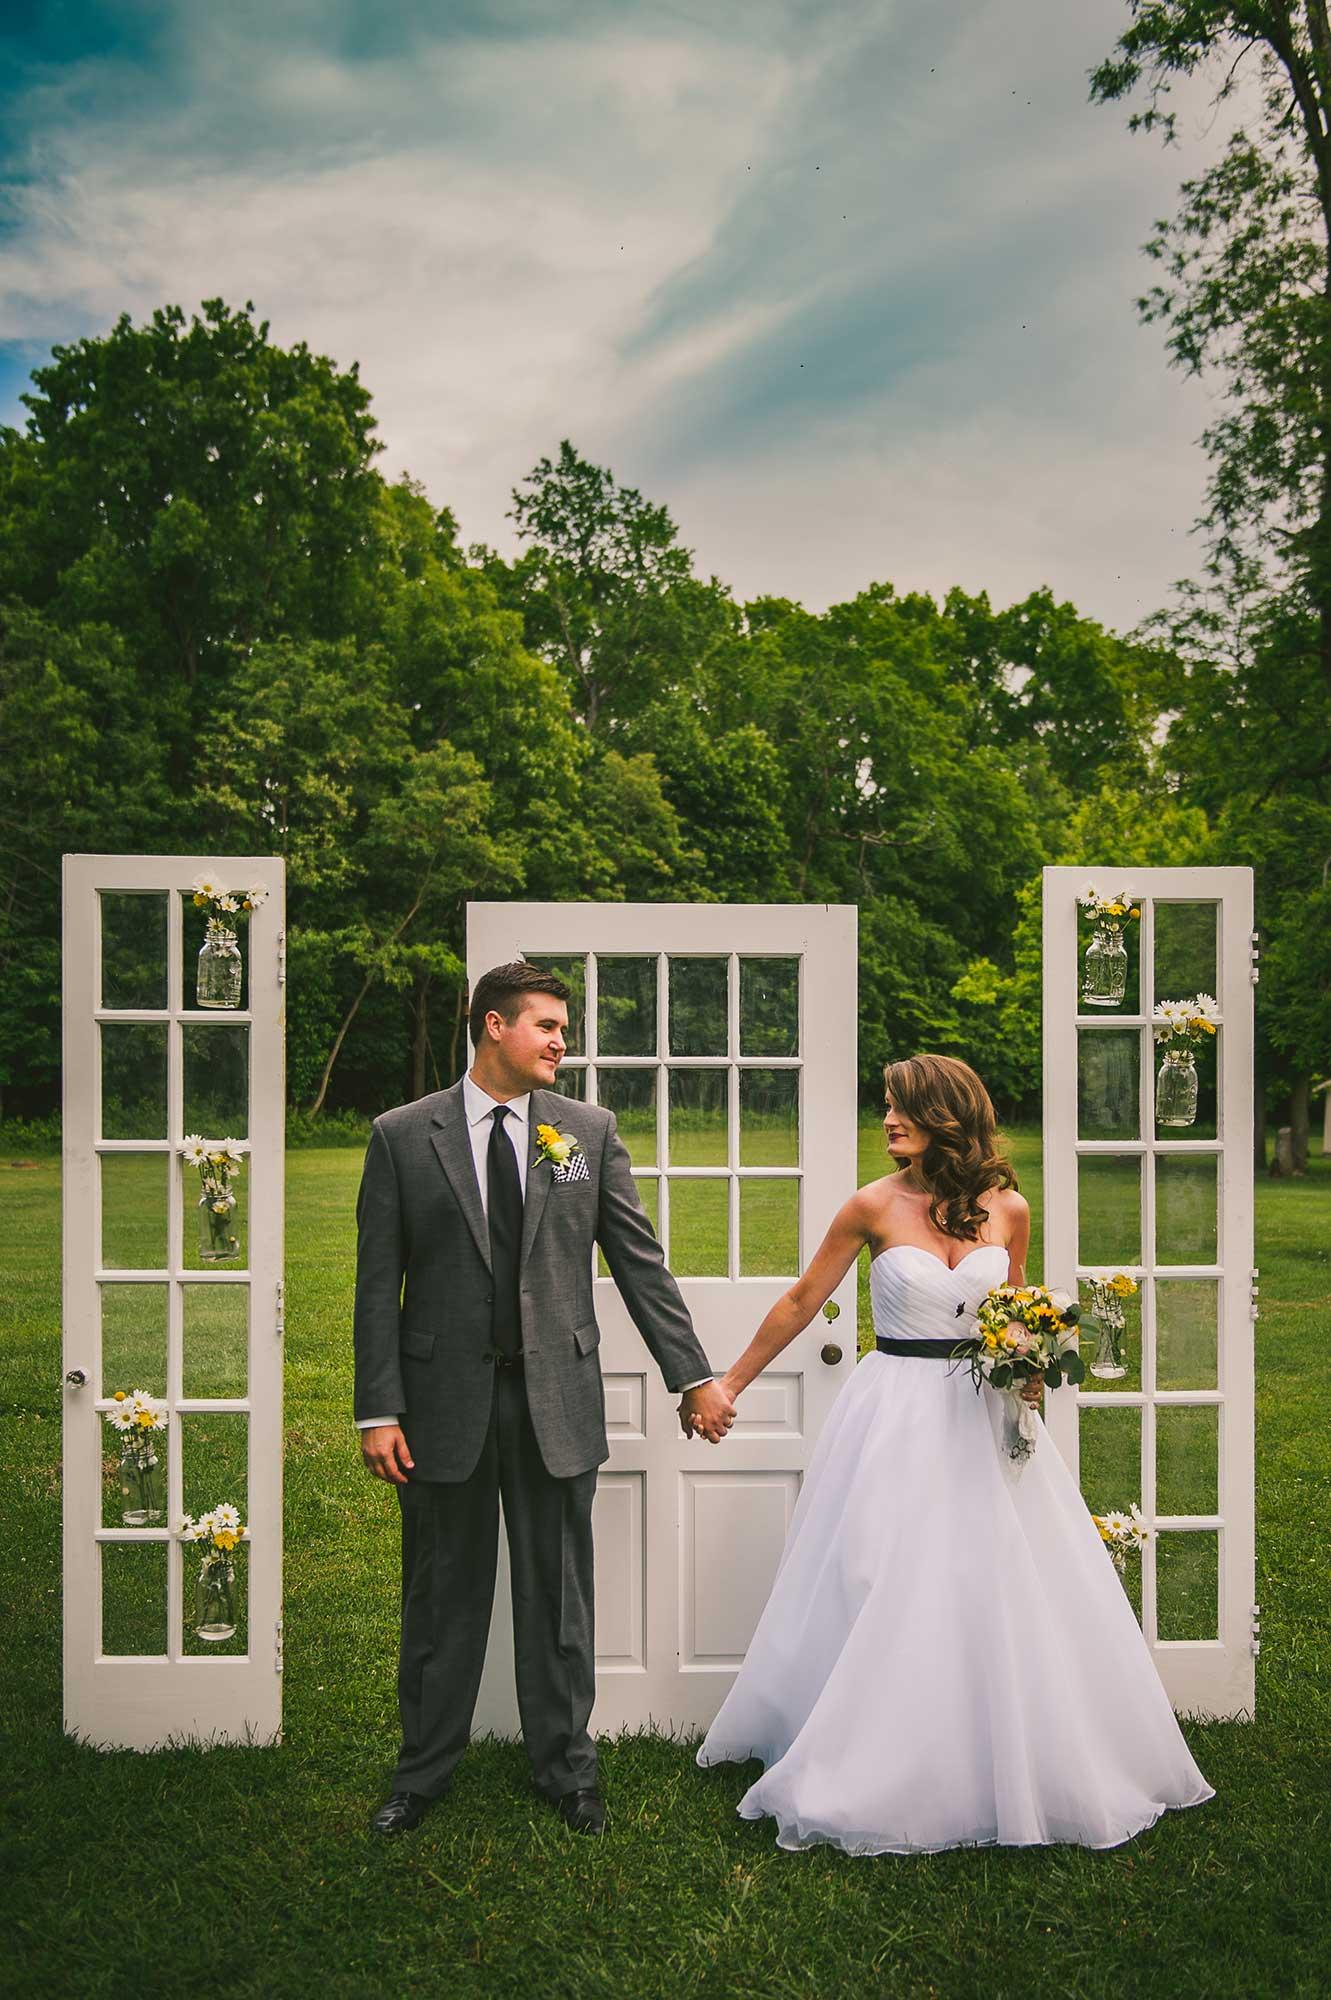 bride-groom-natural-outdoor-portrait-columbus-ohio.jpg